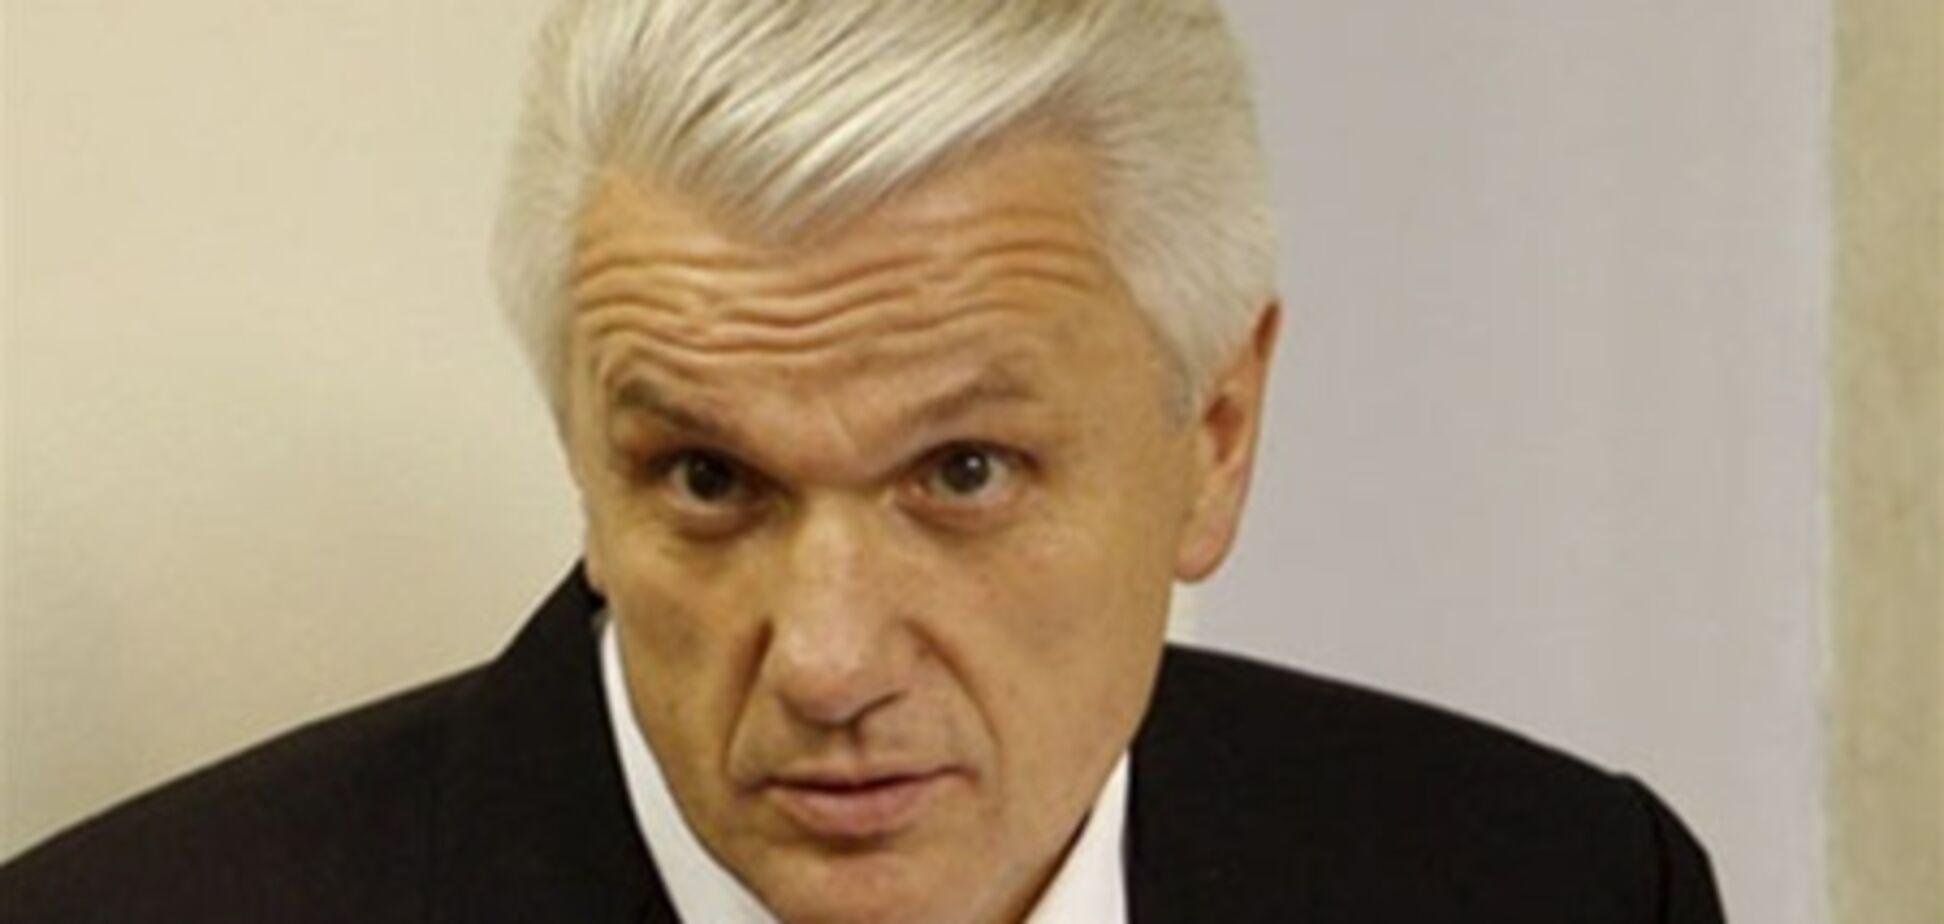 Литвин знає, де шукати головного ворога українців